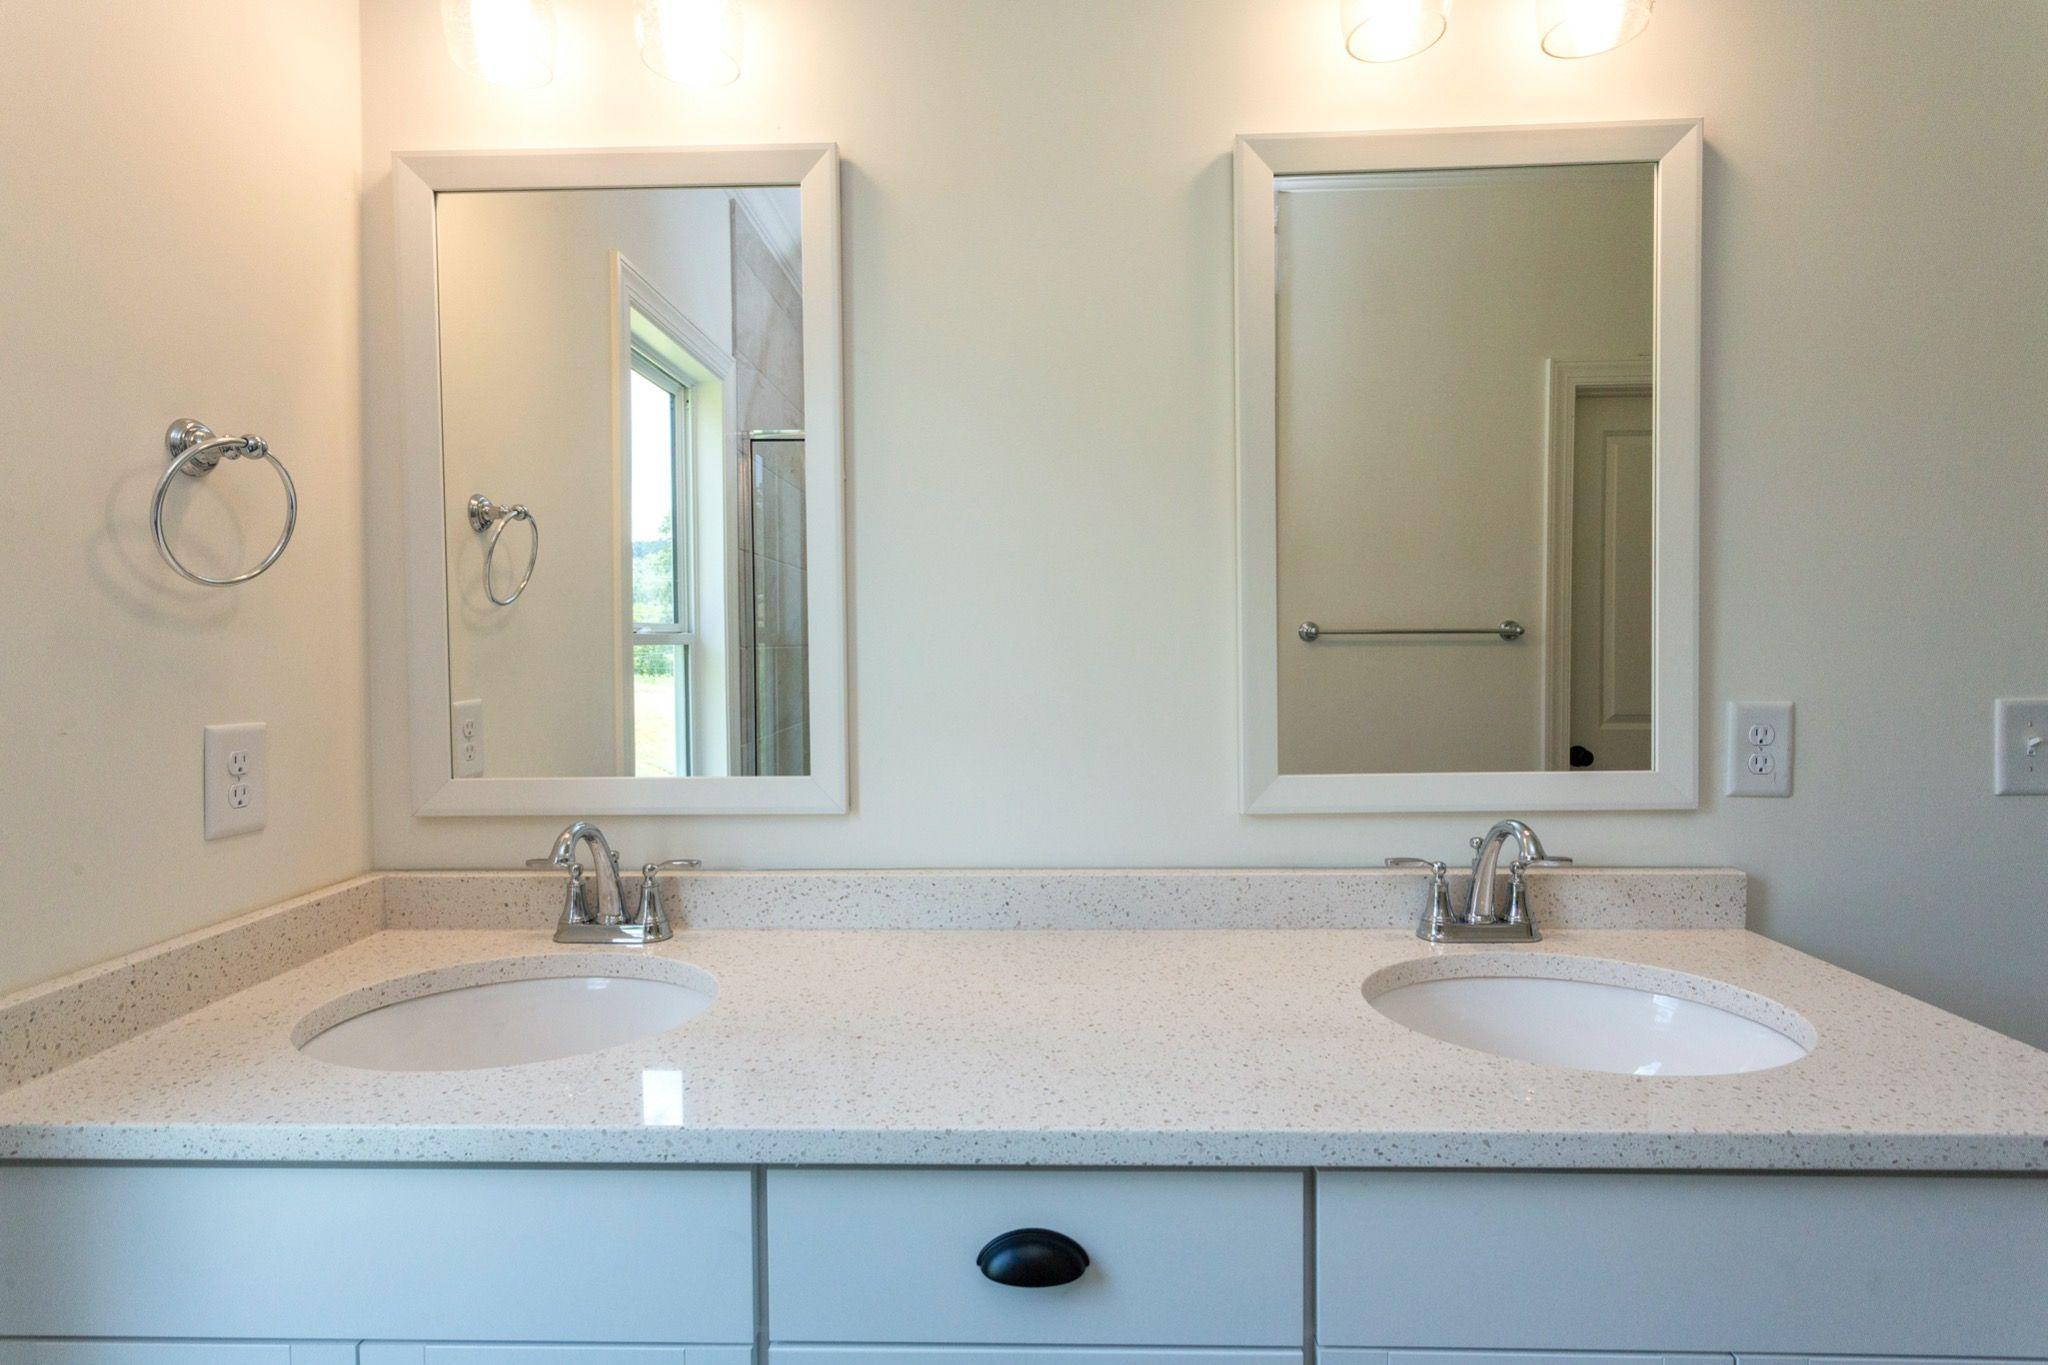 Bathroom featured in the Statesboro SL By Harris Doyle Homes Inc in Birmingham, AL